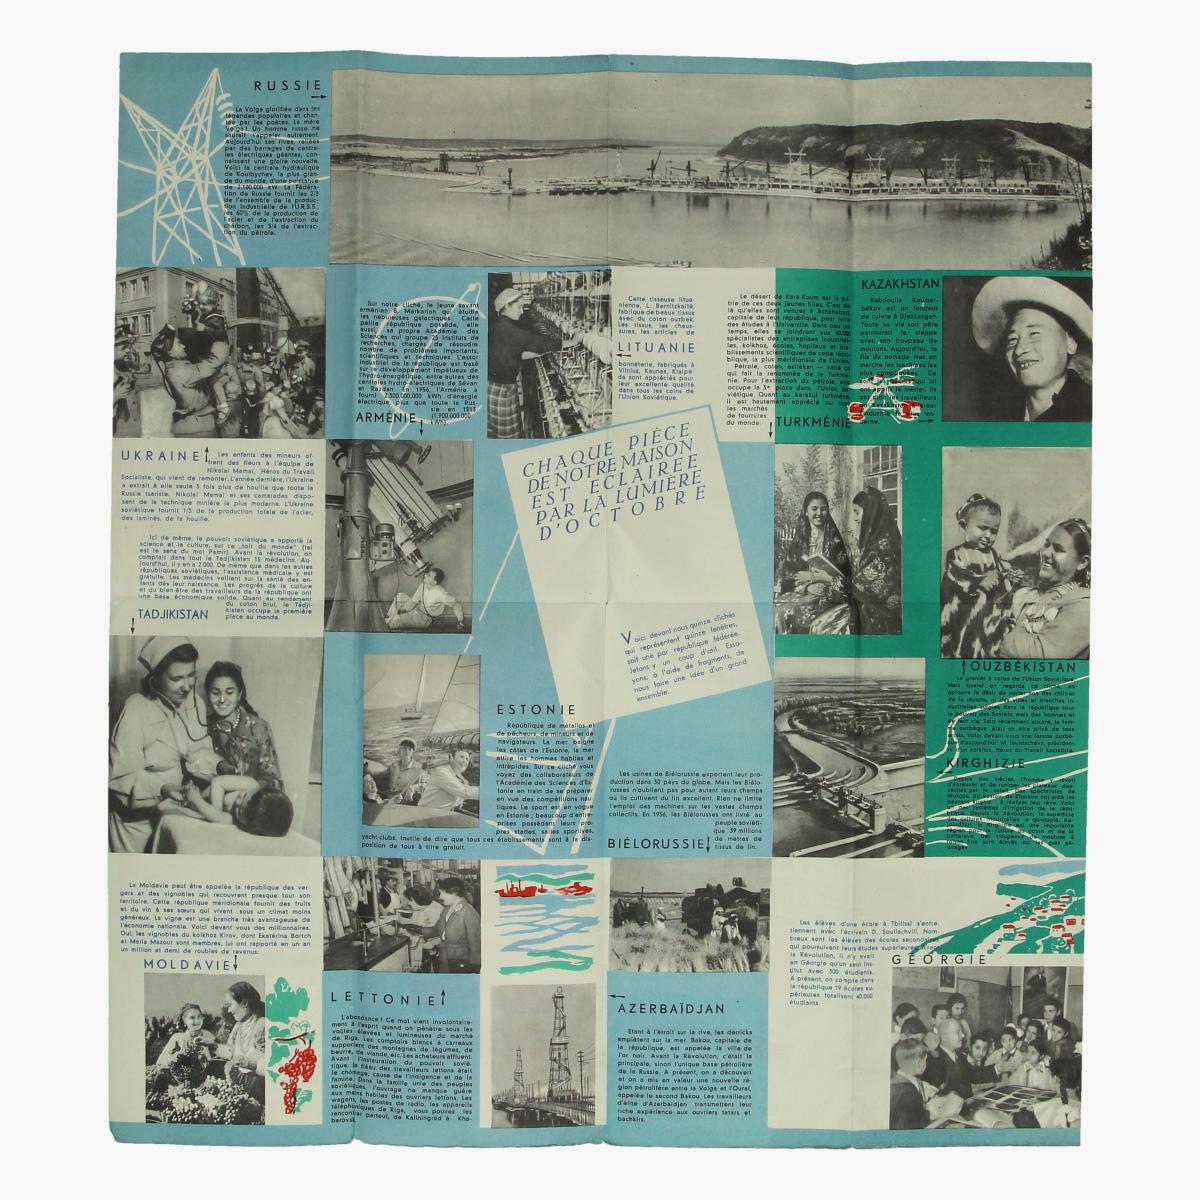 Afbeeldingen van expo 58 section de l' u.r.s.s. a l' exposition universele et internationale de bxl 1958